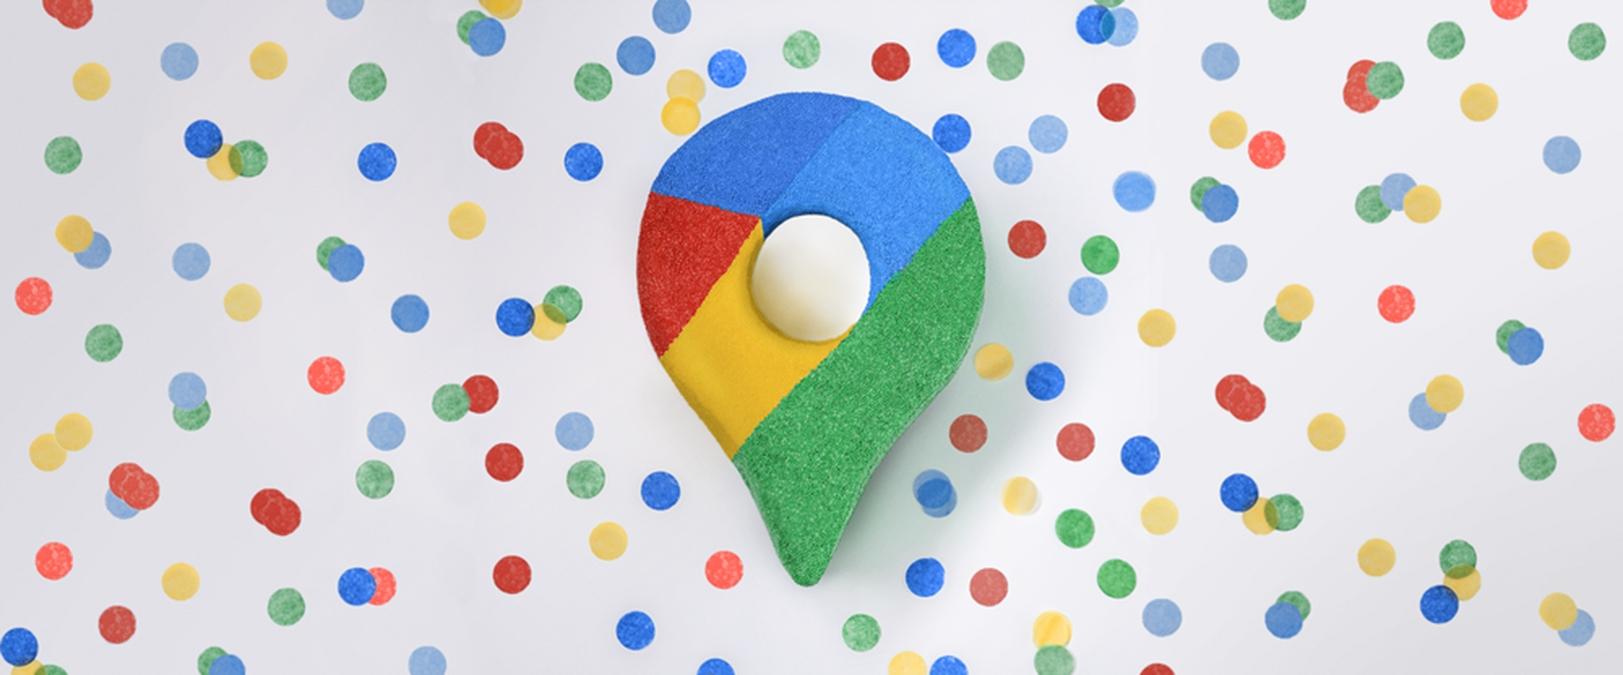 Google Mapy jsou nyní detailnější a ještě více informací bude k dispozici